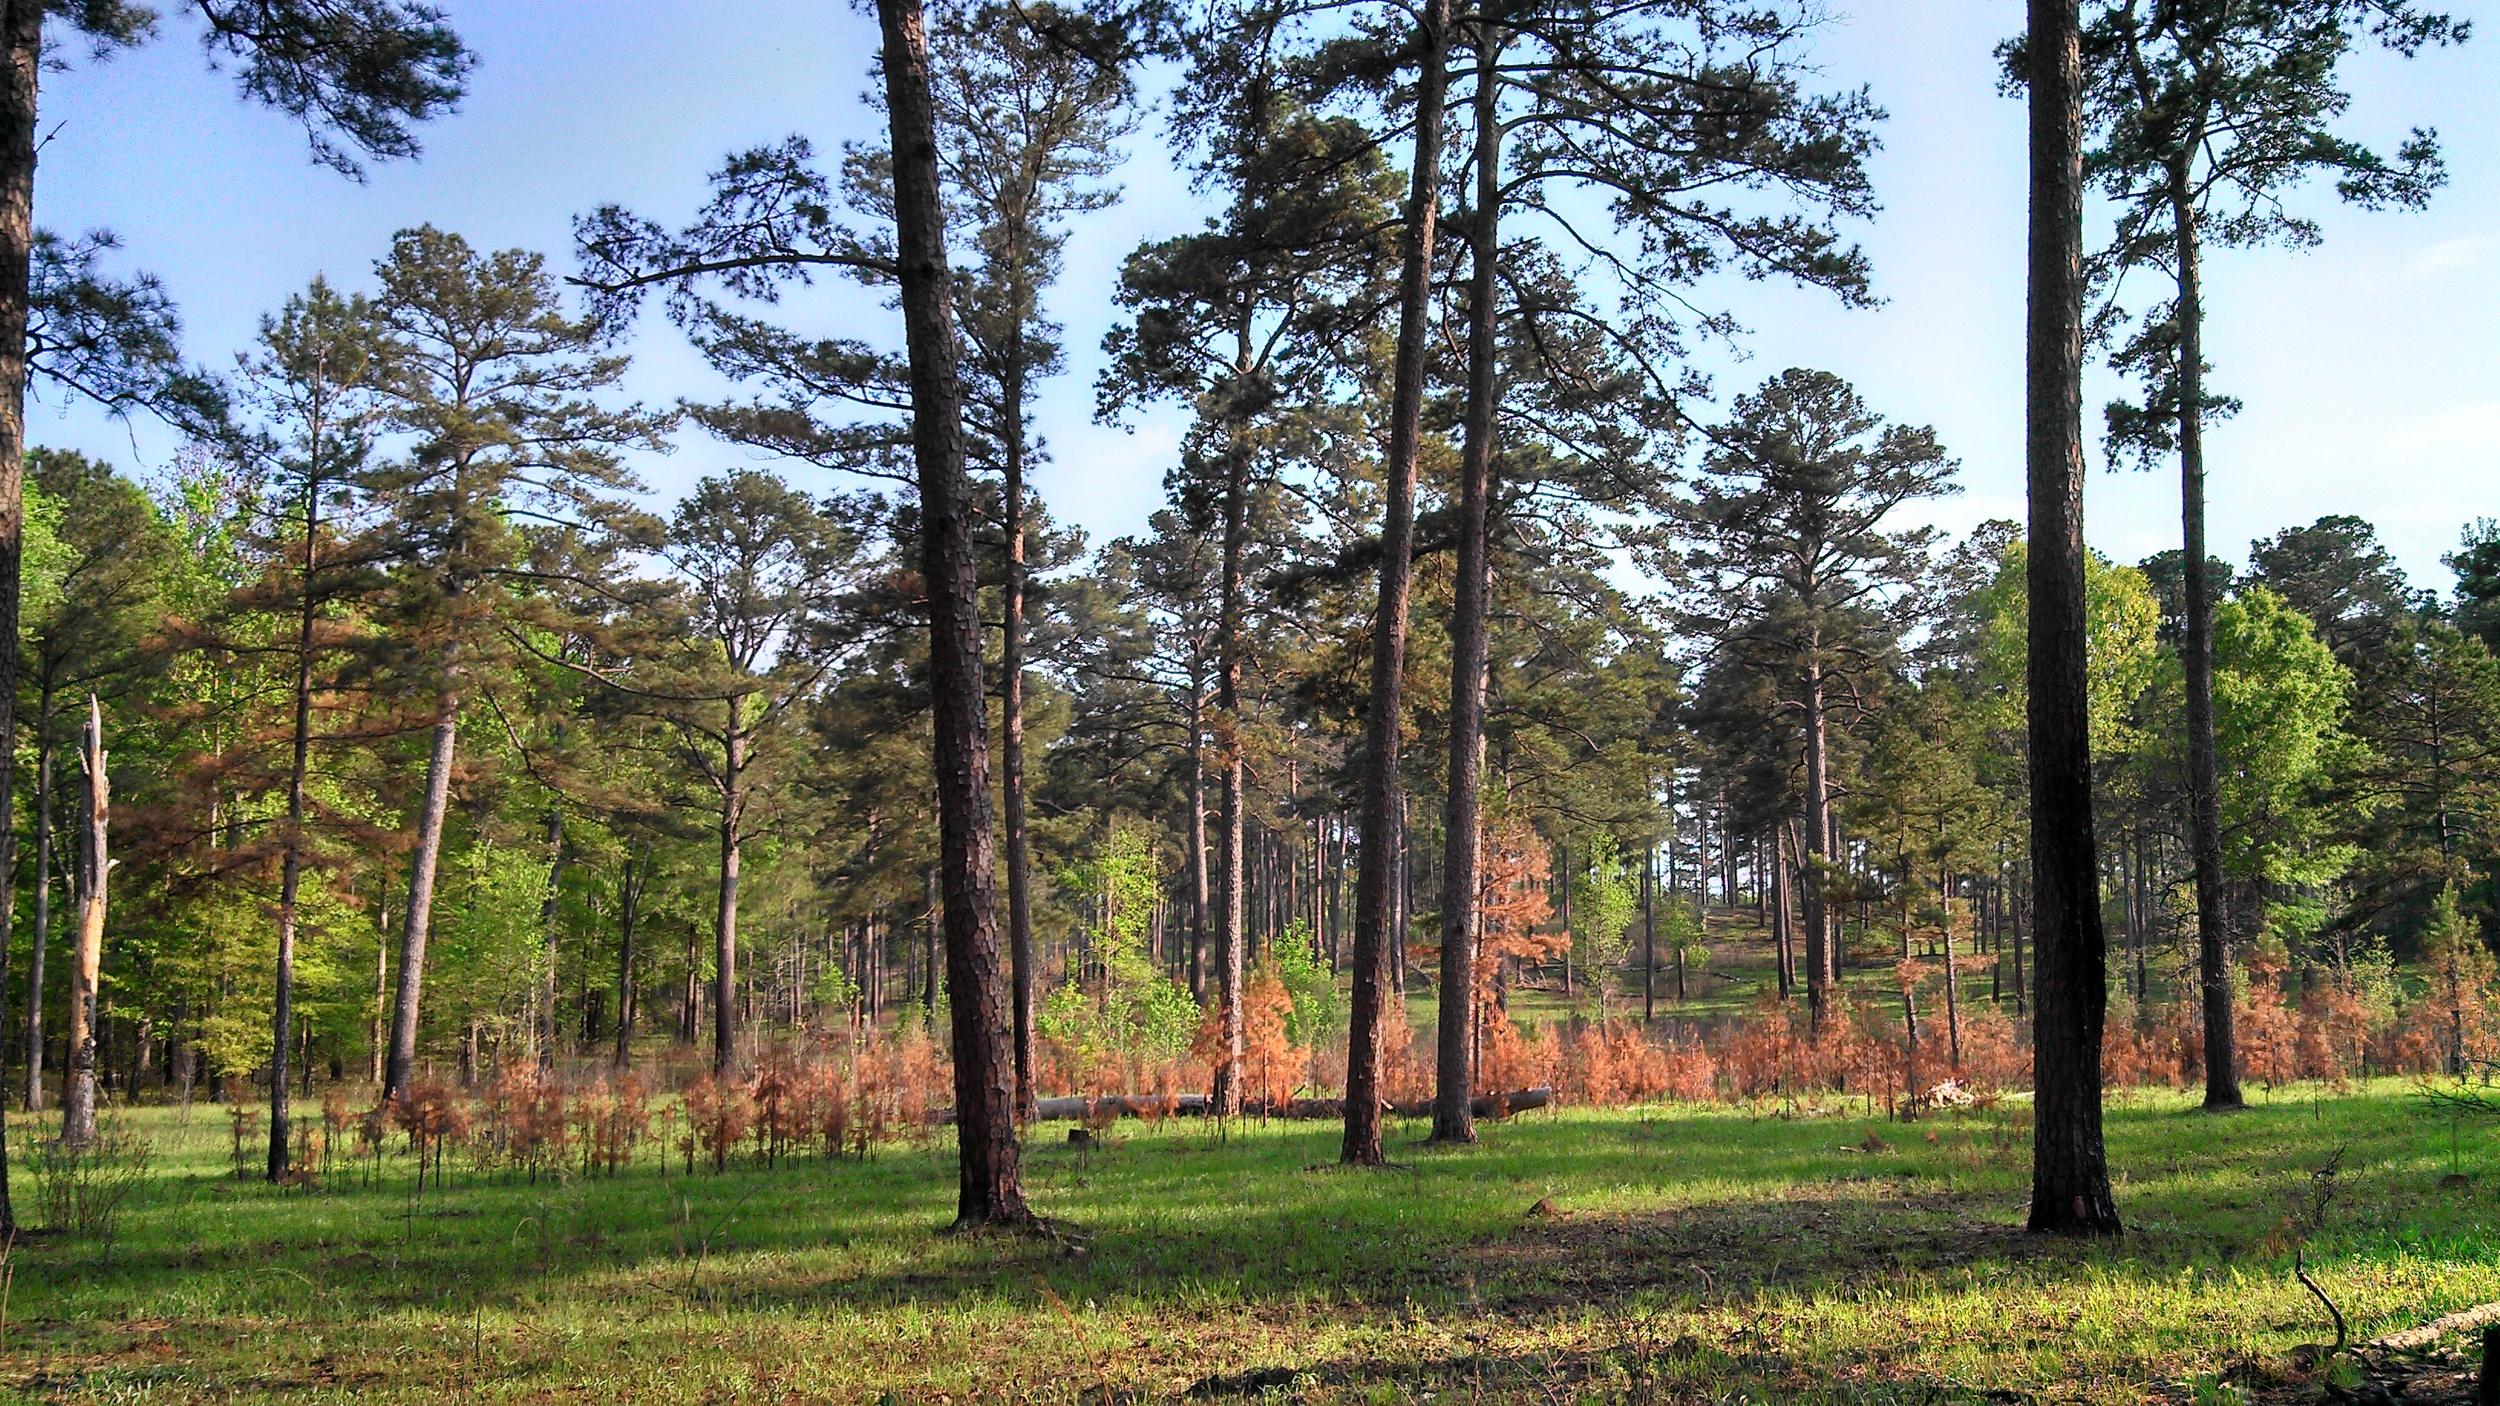 Sehoy Plantation, Bullock County, AL